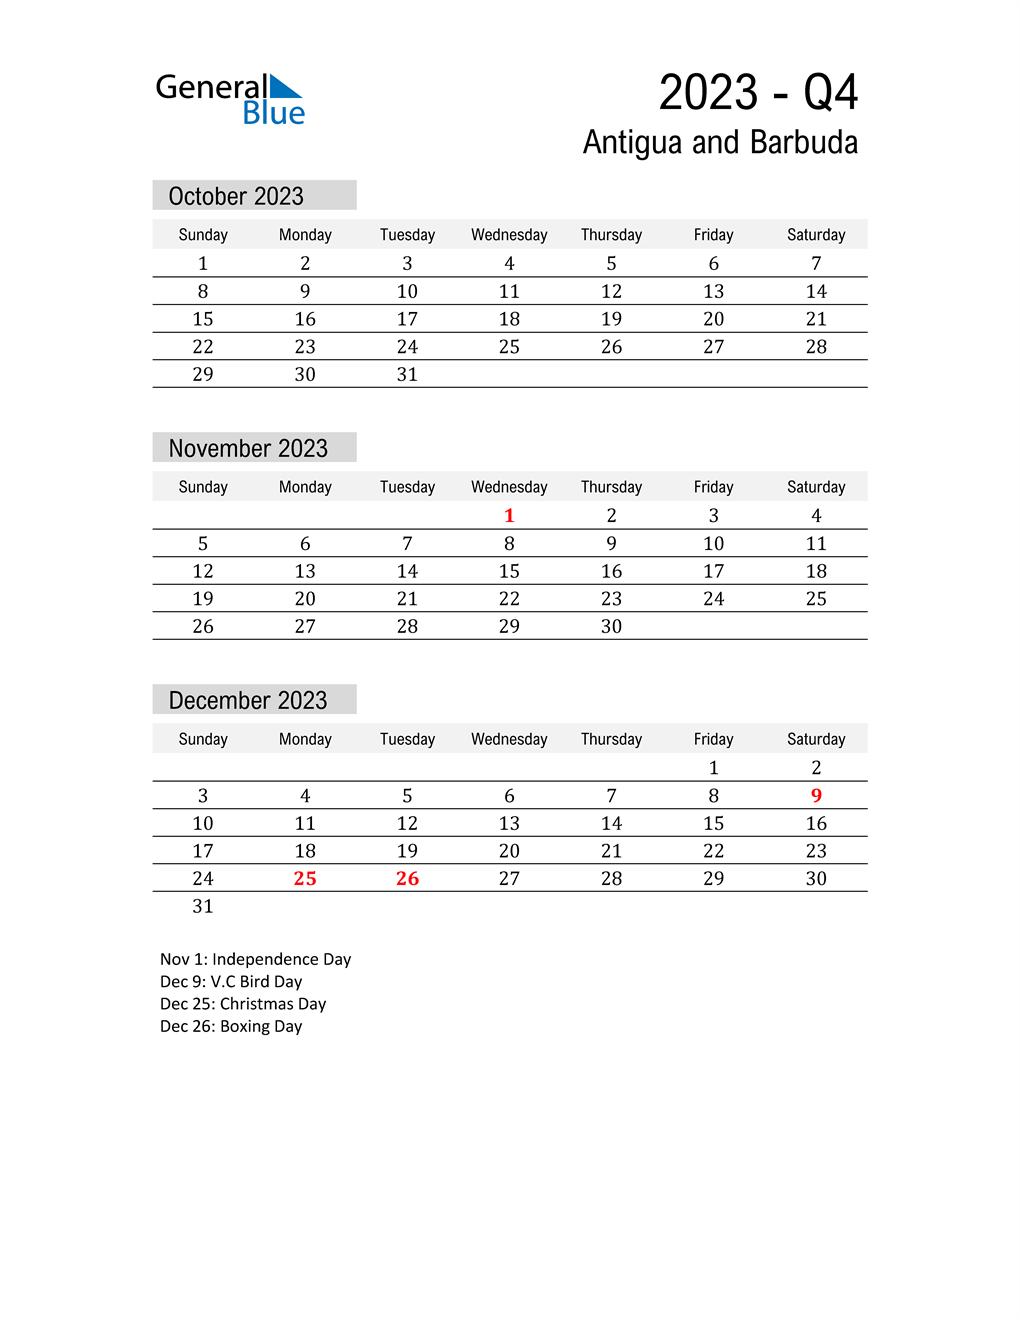 Antigua and Barbuda Quarter 4 2023 Calendar